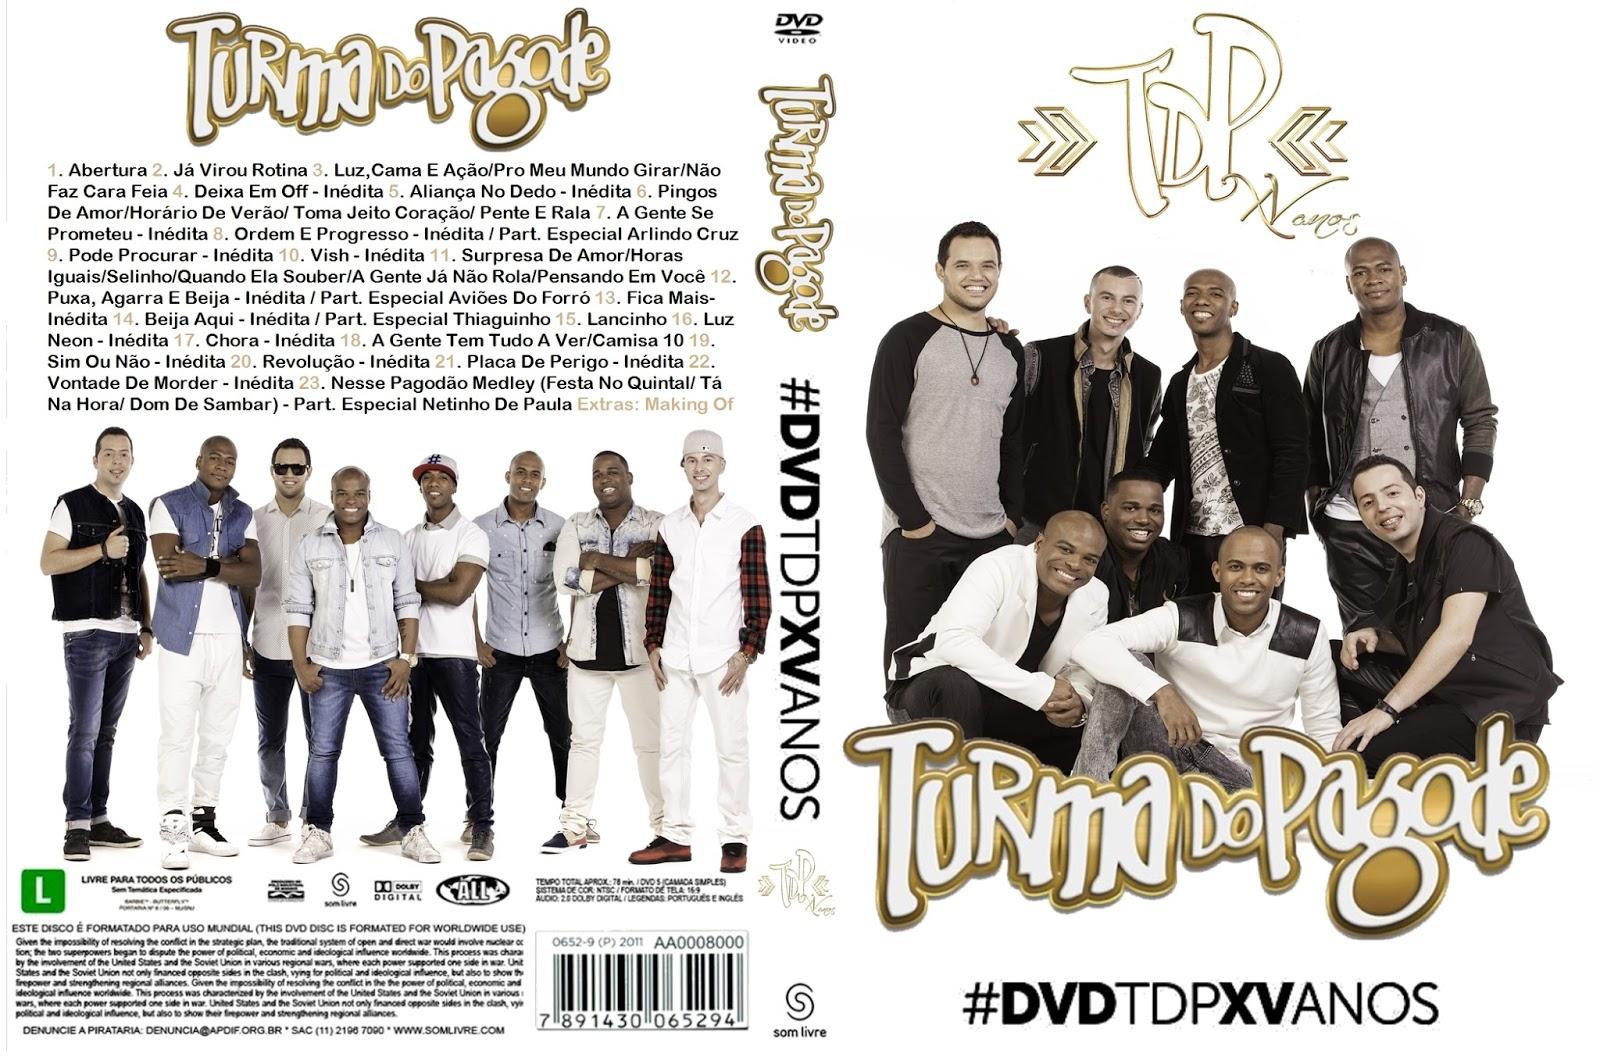 Turma do Pagode XV Anos Ao Vivo CD + DVDRip + DVD-R Turma 2Bdo 2BPagode 2BXV 2BAnos 2BAo 2BVivo 2B2016 2B  2BXANDAO 2BDOWNLOAD